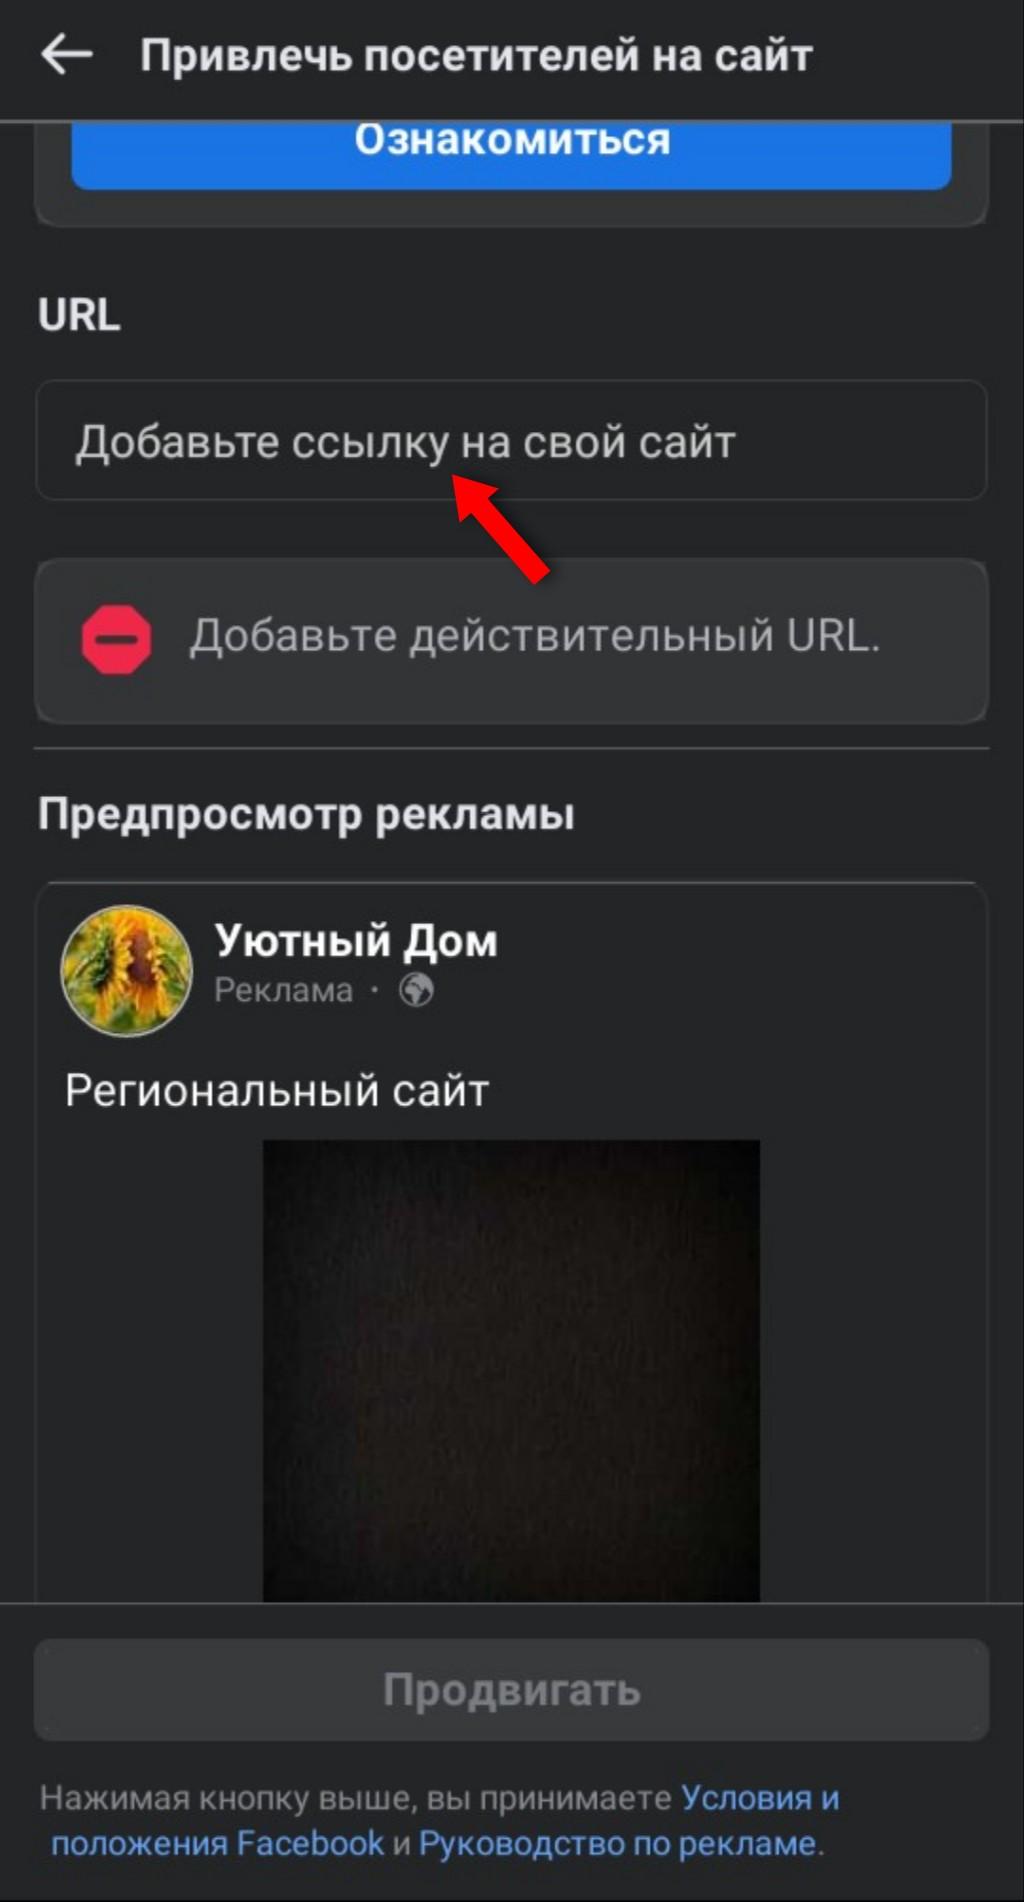 InFrame_1627144340217.jpg